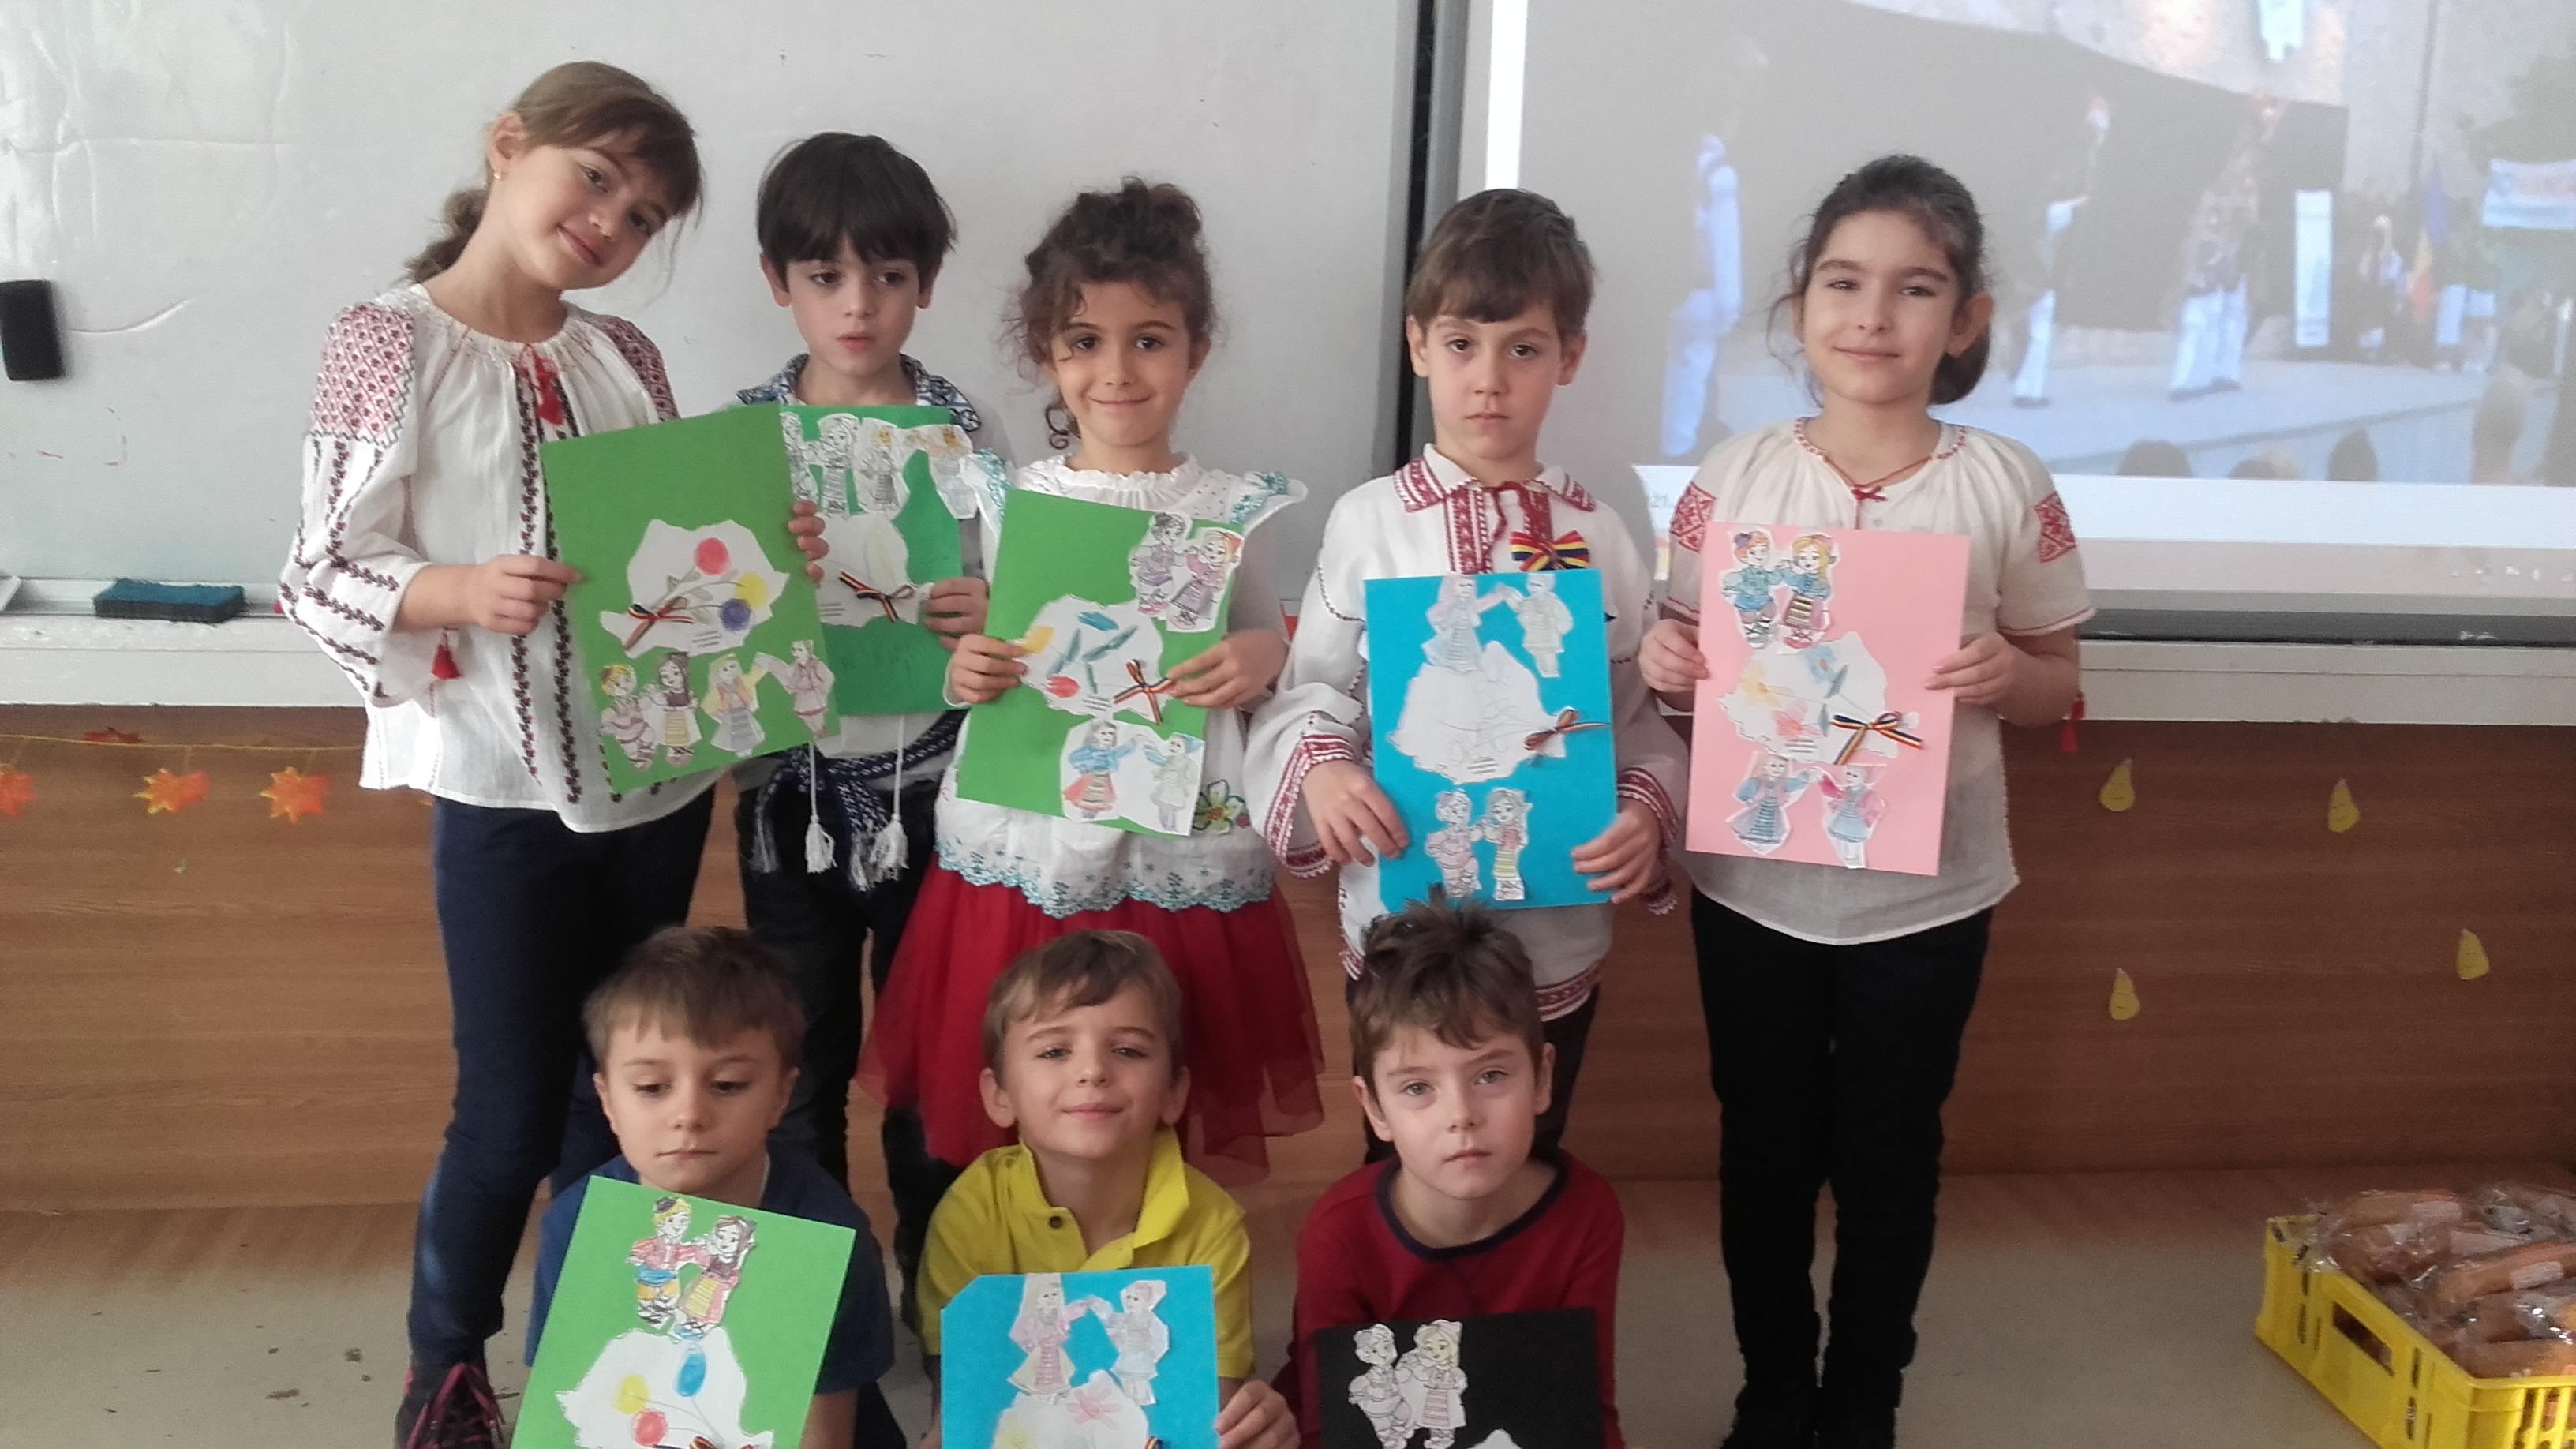 http://www.scoala12bucuresti.ro/site/wp-content/uploads/2017/12/7.jpg